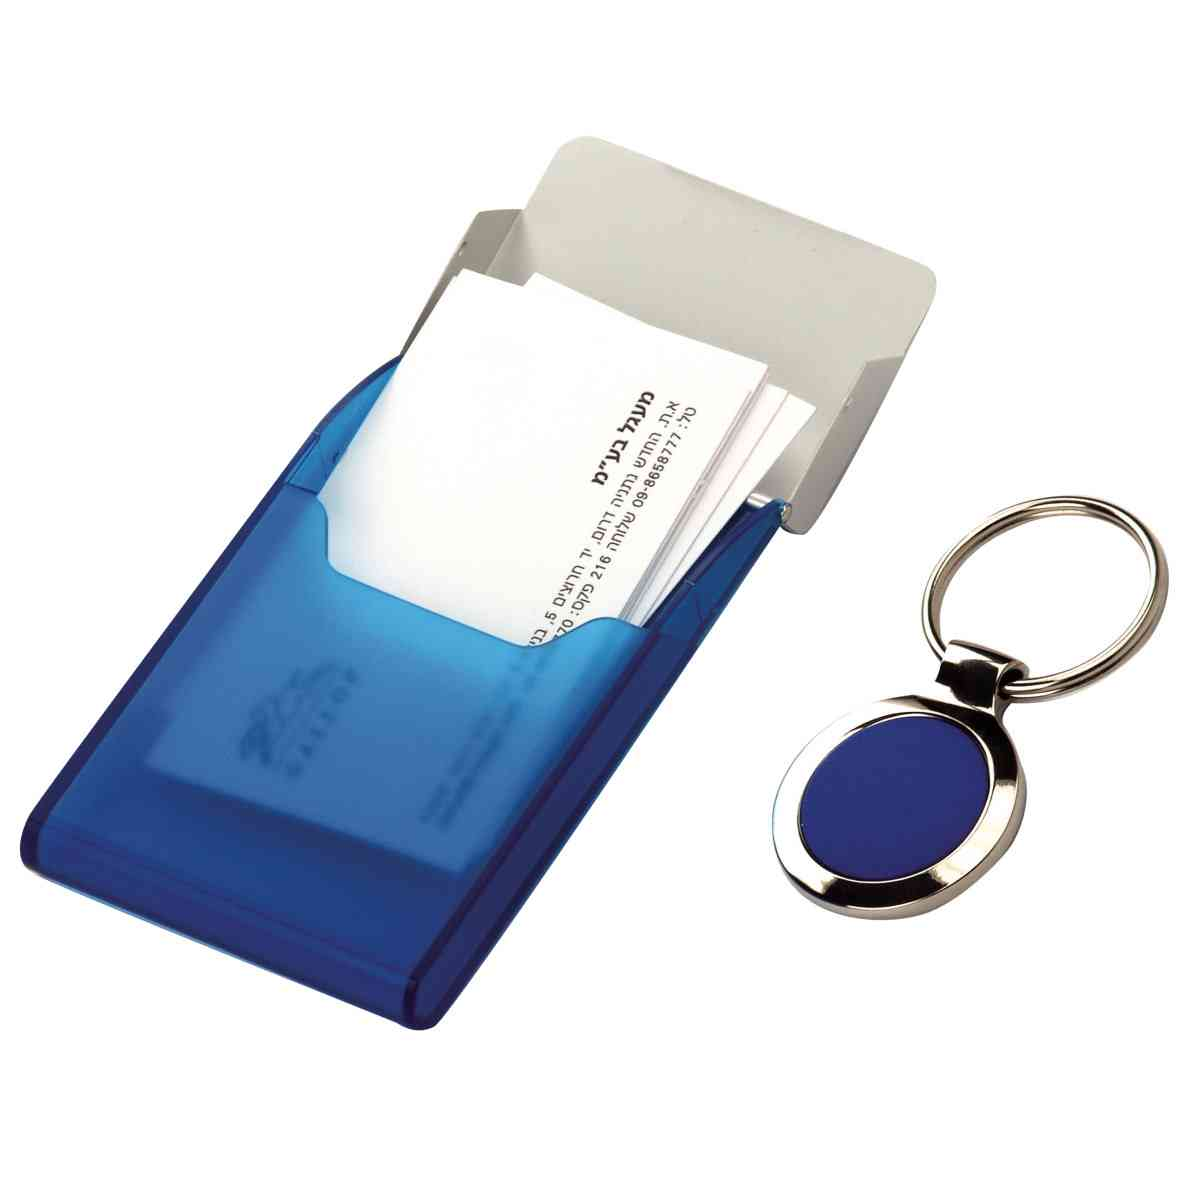 מחזיק מפתחות עם קופסה לכרטיסי ביקור - סאני